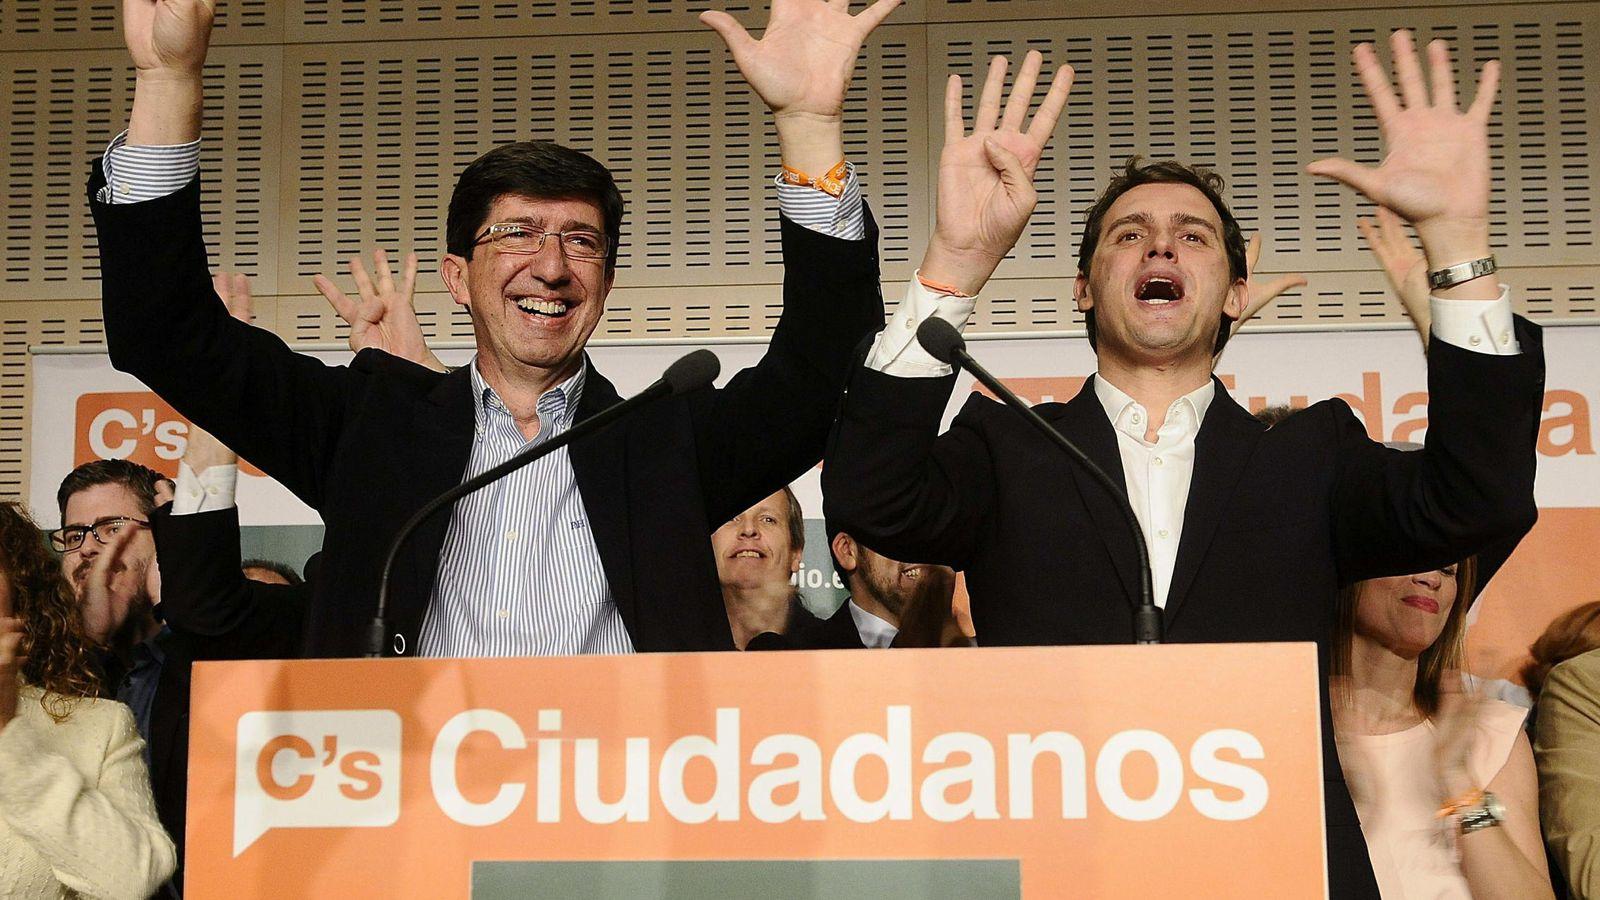 Foto: El candidato de Ciudadanos a la Presidencia de la Junta de Andalucia, Juan Marín, acompañado por el líder nacional, Albert Rivera. (Efe)